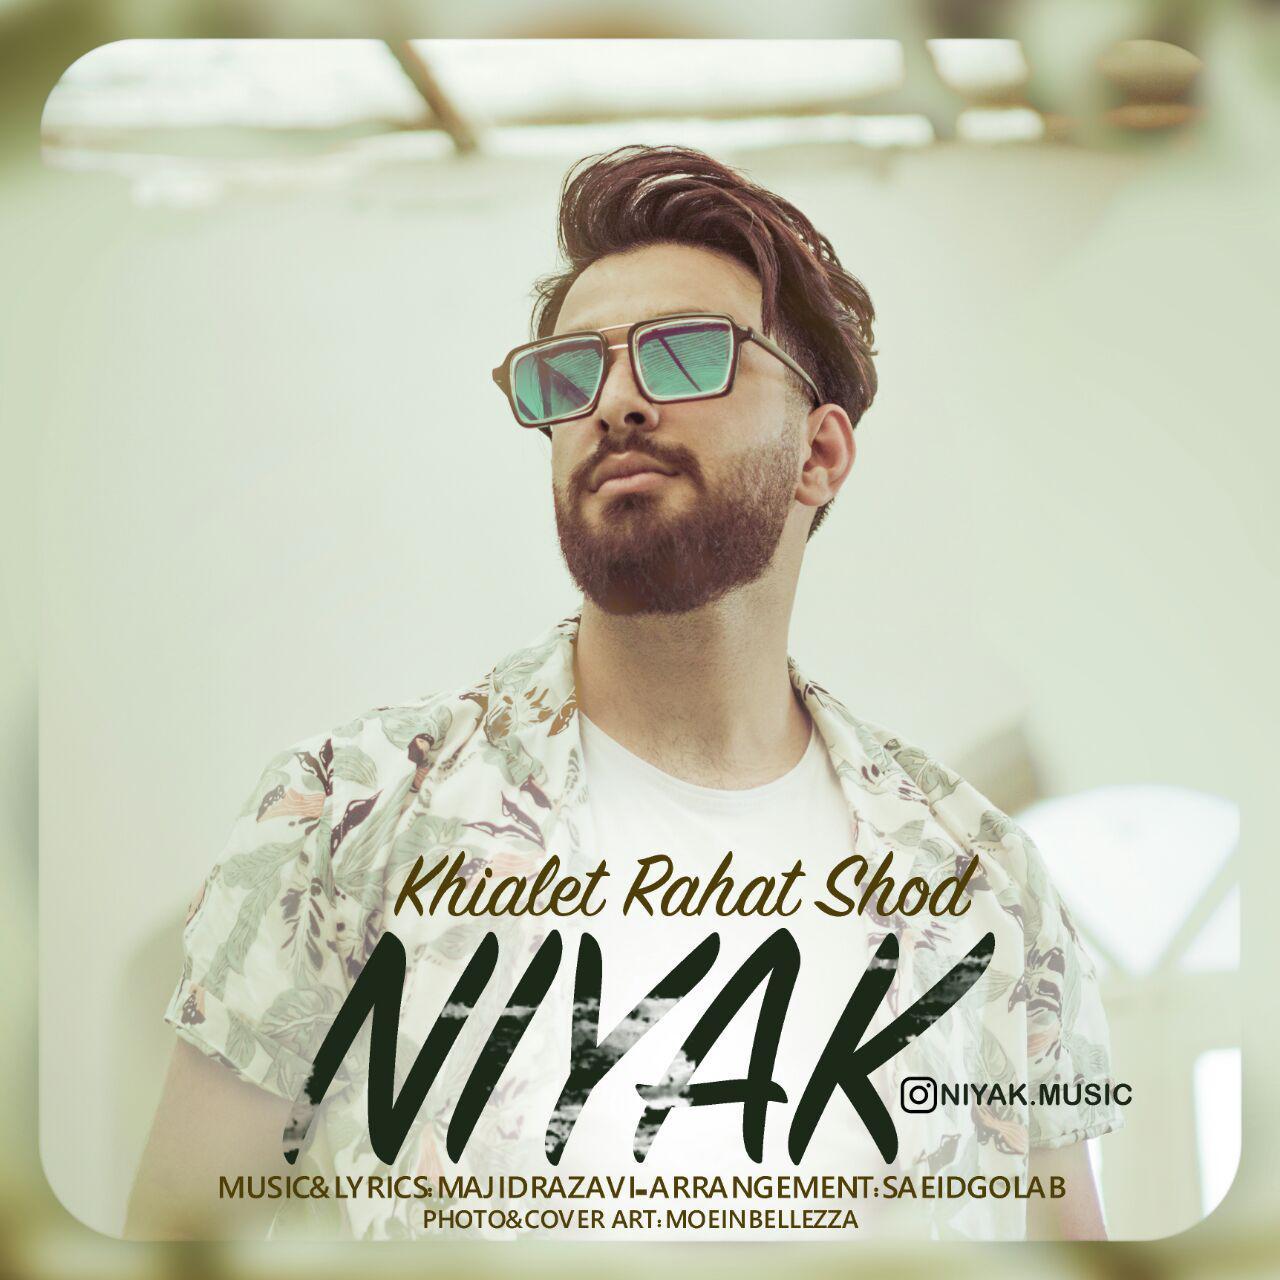 Niyak – Khiyalet Rahat Shod